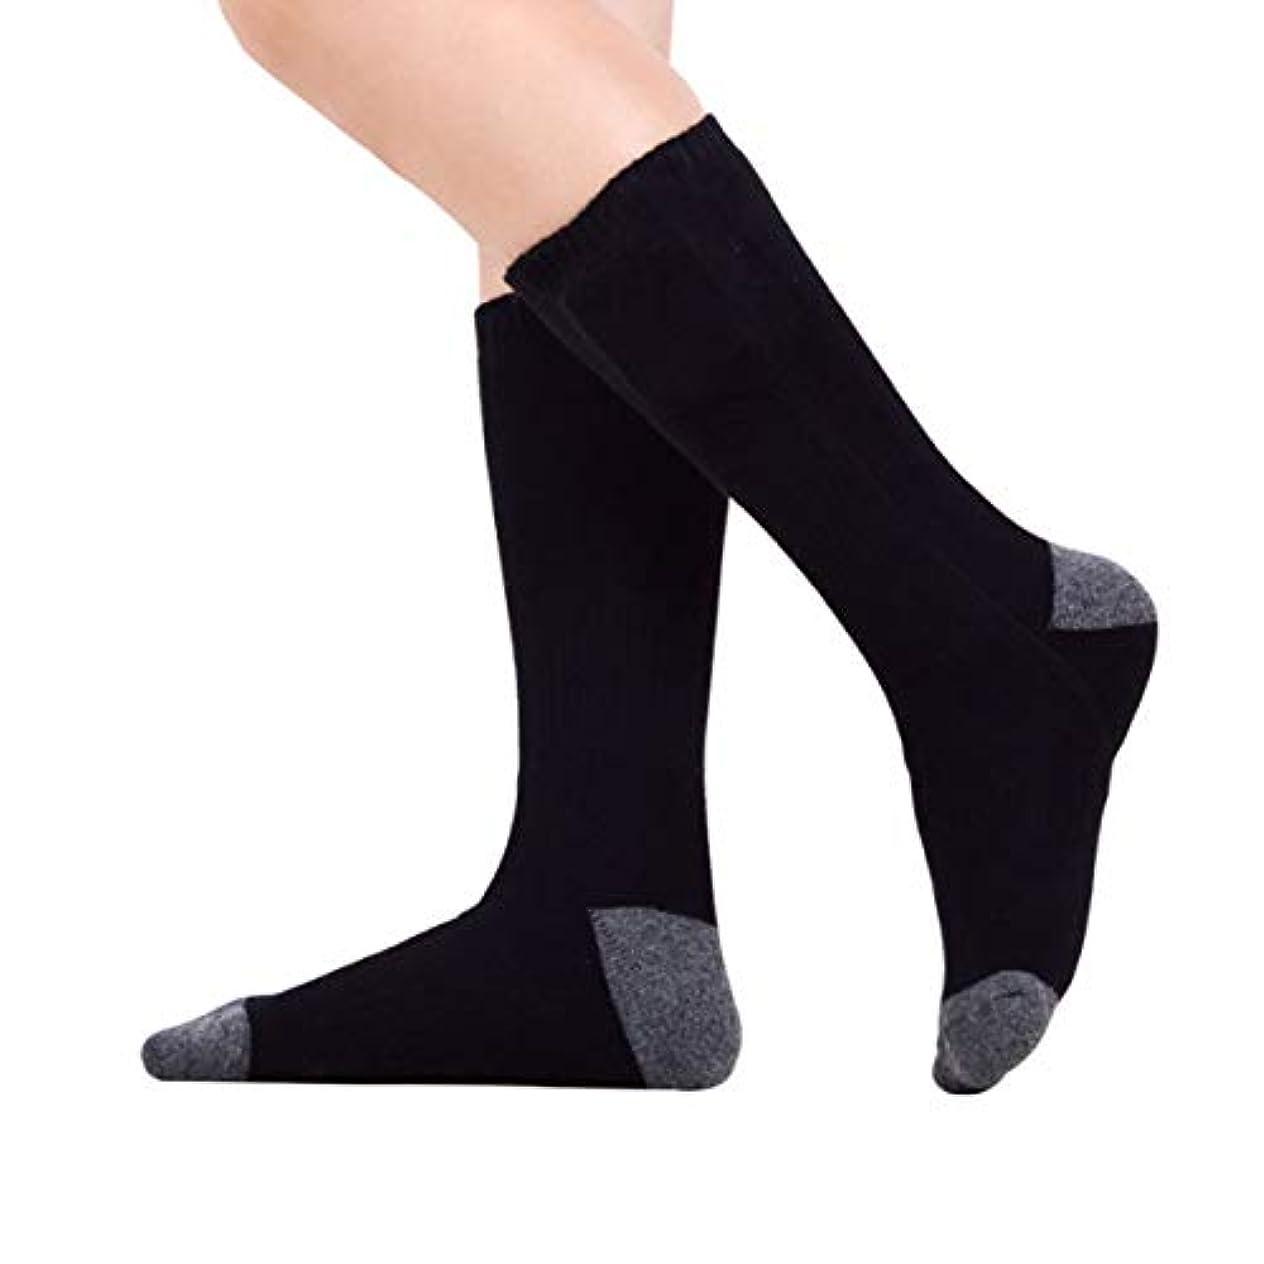 発行する電気あえぎ温度調節可能なリチウム電池暖かい靴下を加熱する男性と女性を加熱する暖かい靴下を充電する暖かいホットソックス-ブラック